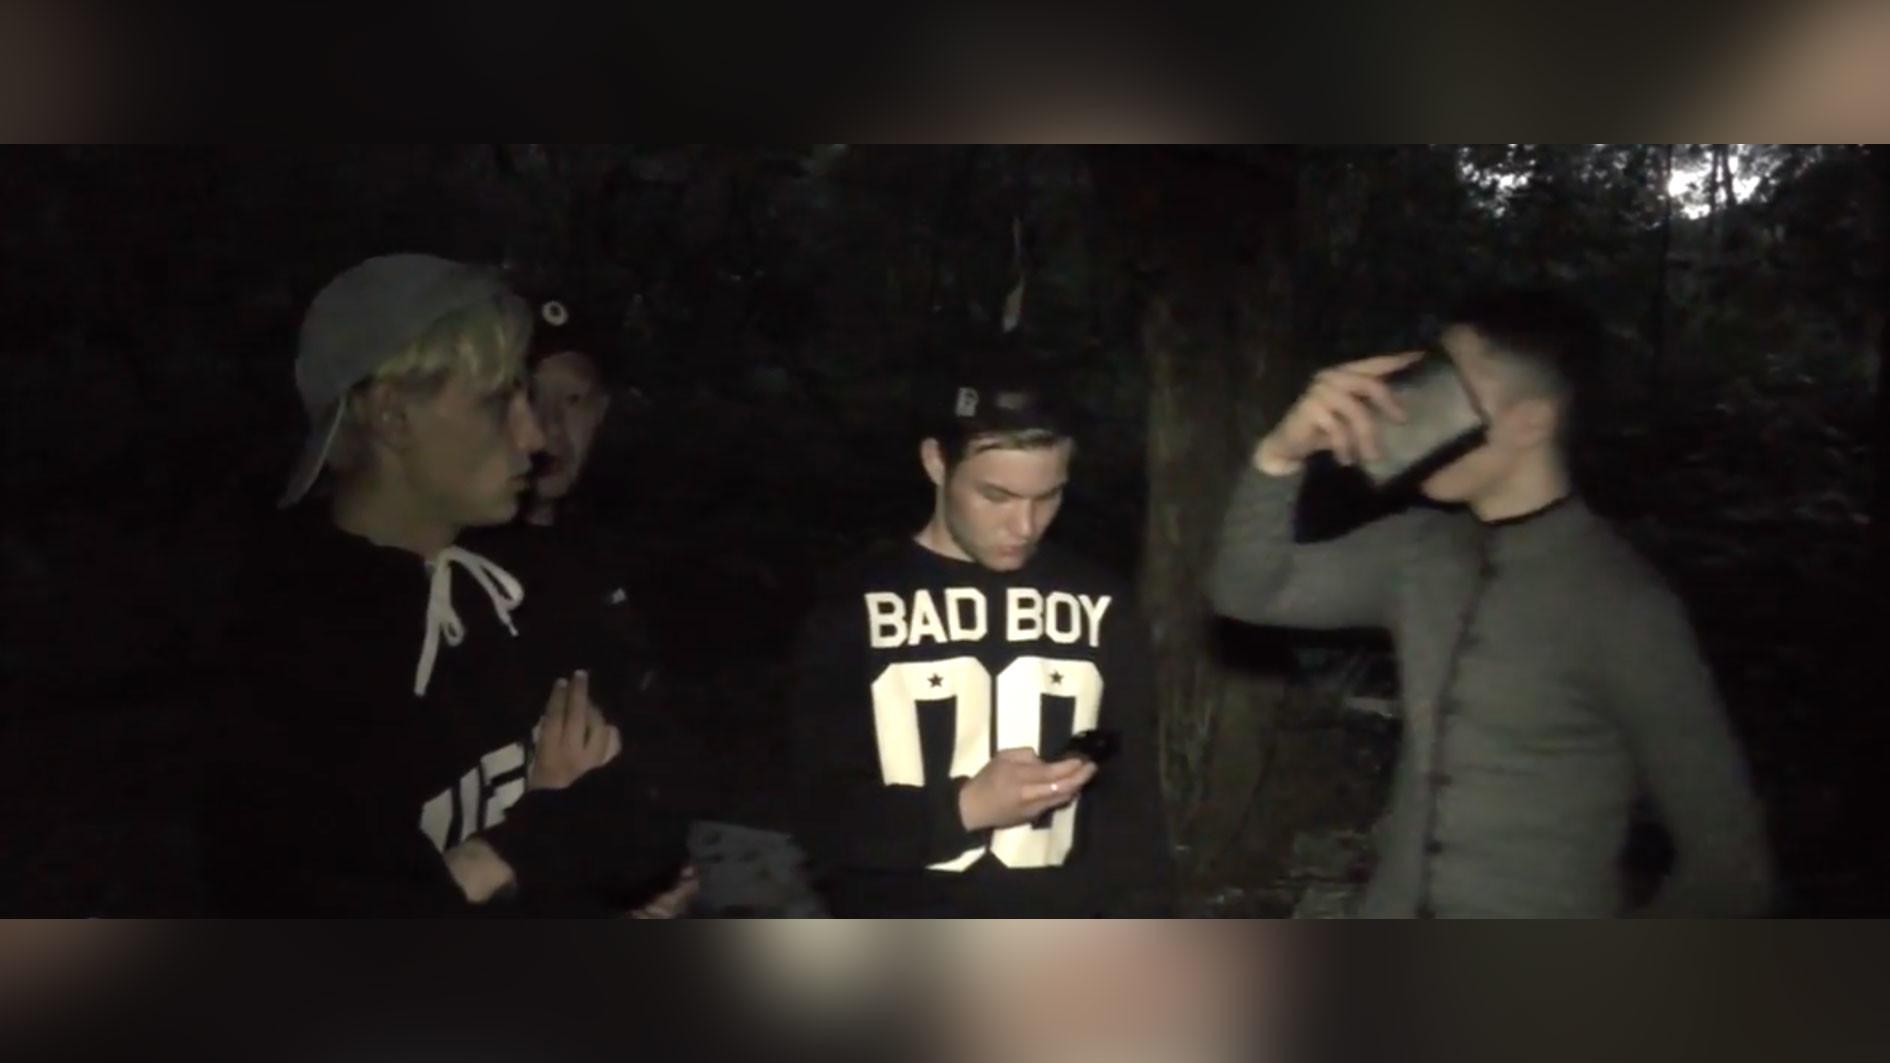 Нападавшие спортсмены. Скриншот видео © Первый городской канал в Кирове